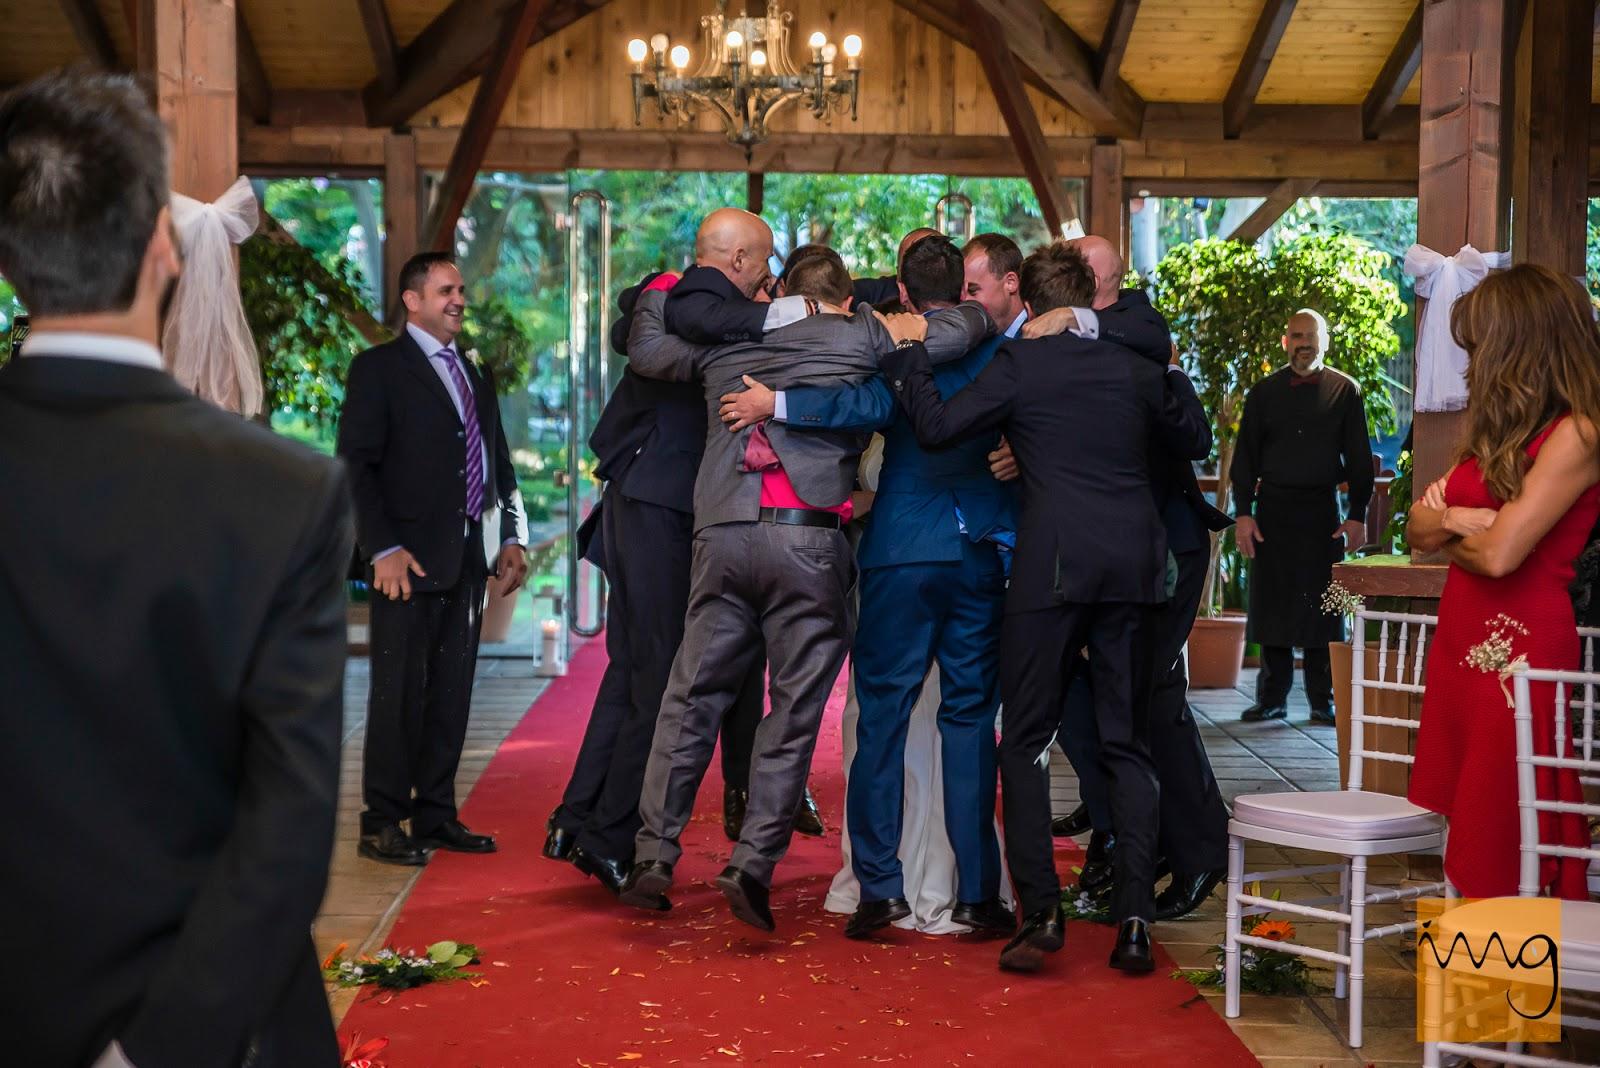 Sorpresas a la novia en su entrada a la ceremonia